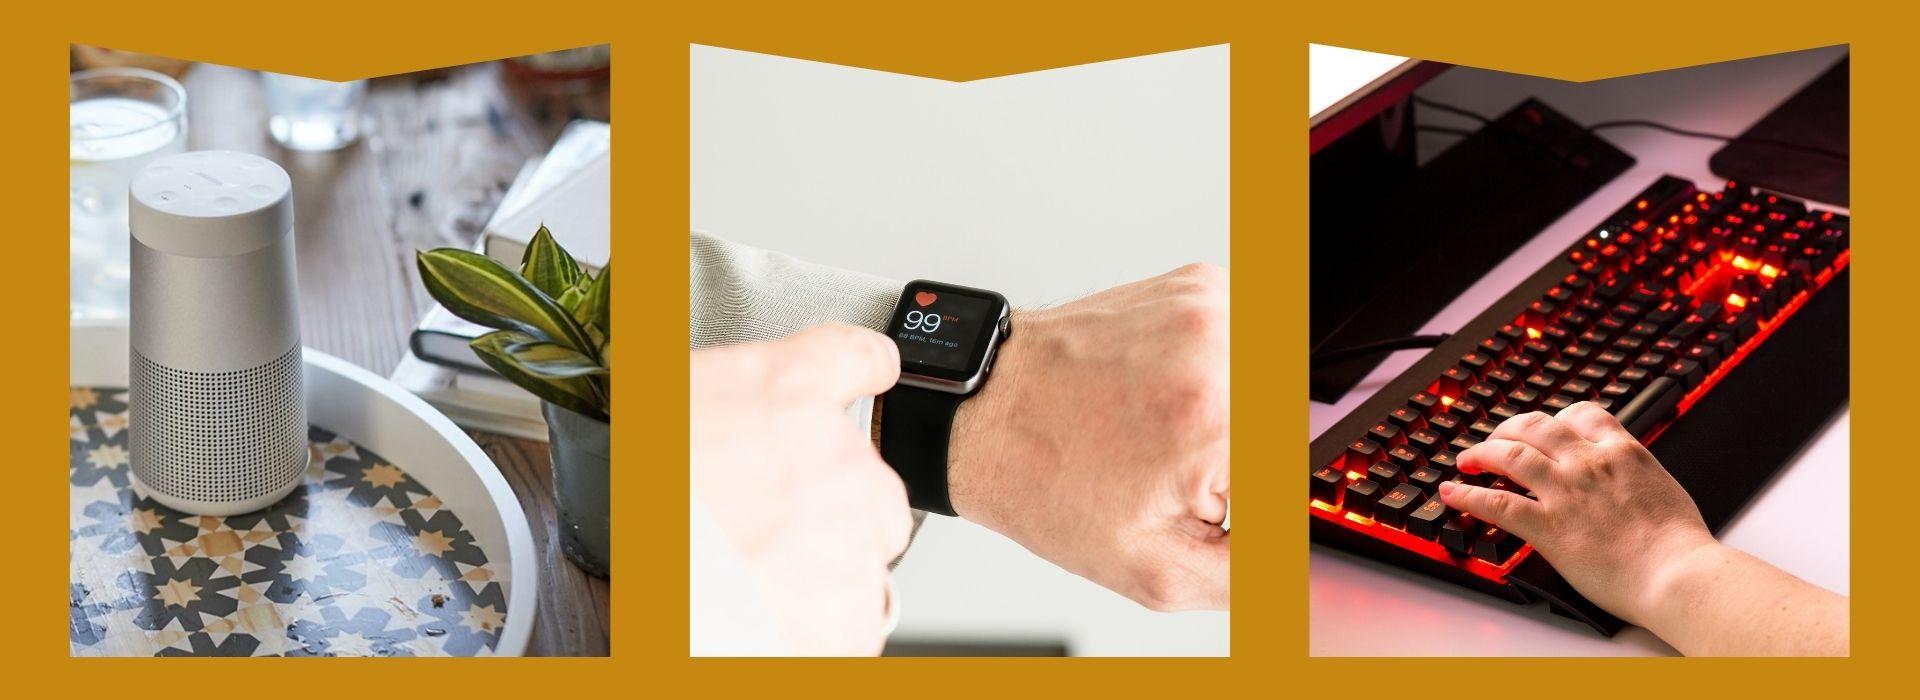 Wireless speakers, smart watch, gaming keyboard